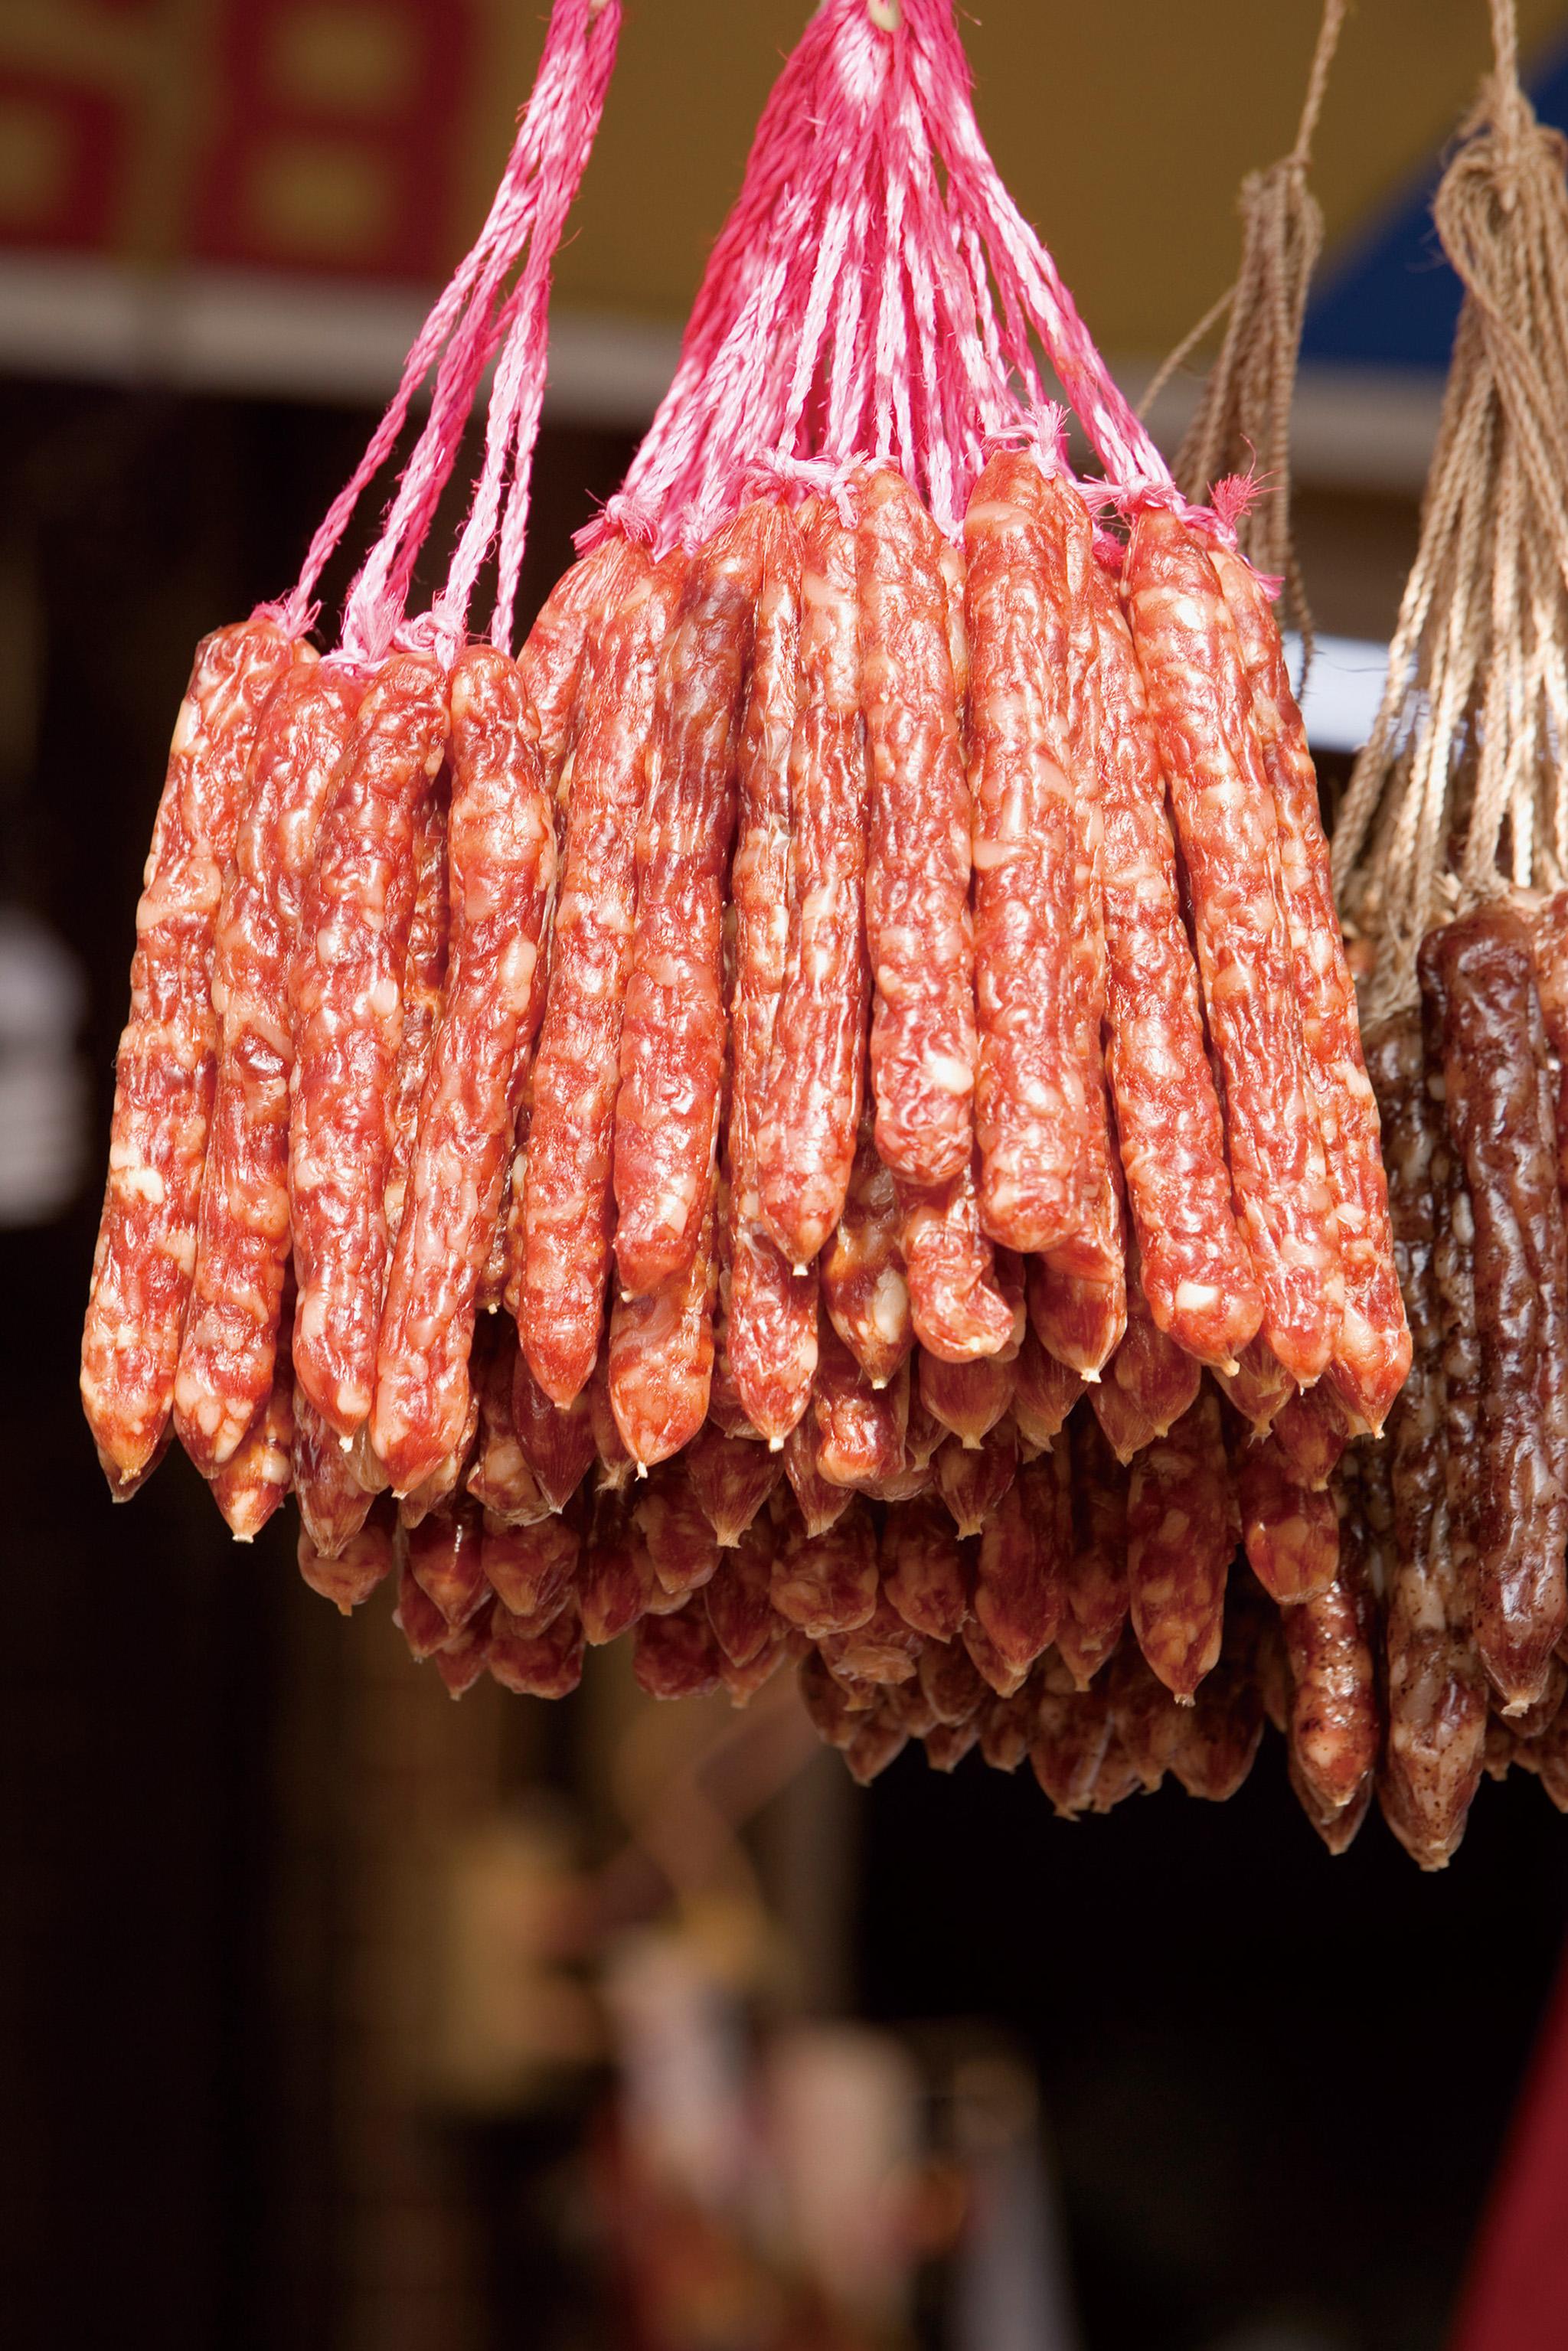 甲狀腺機能亢進不宜過食臘味製品。